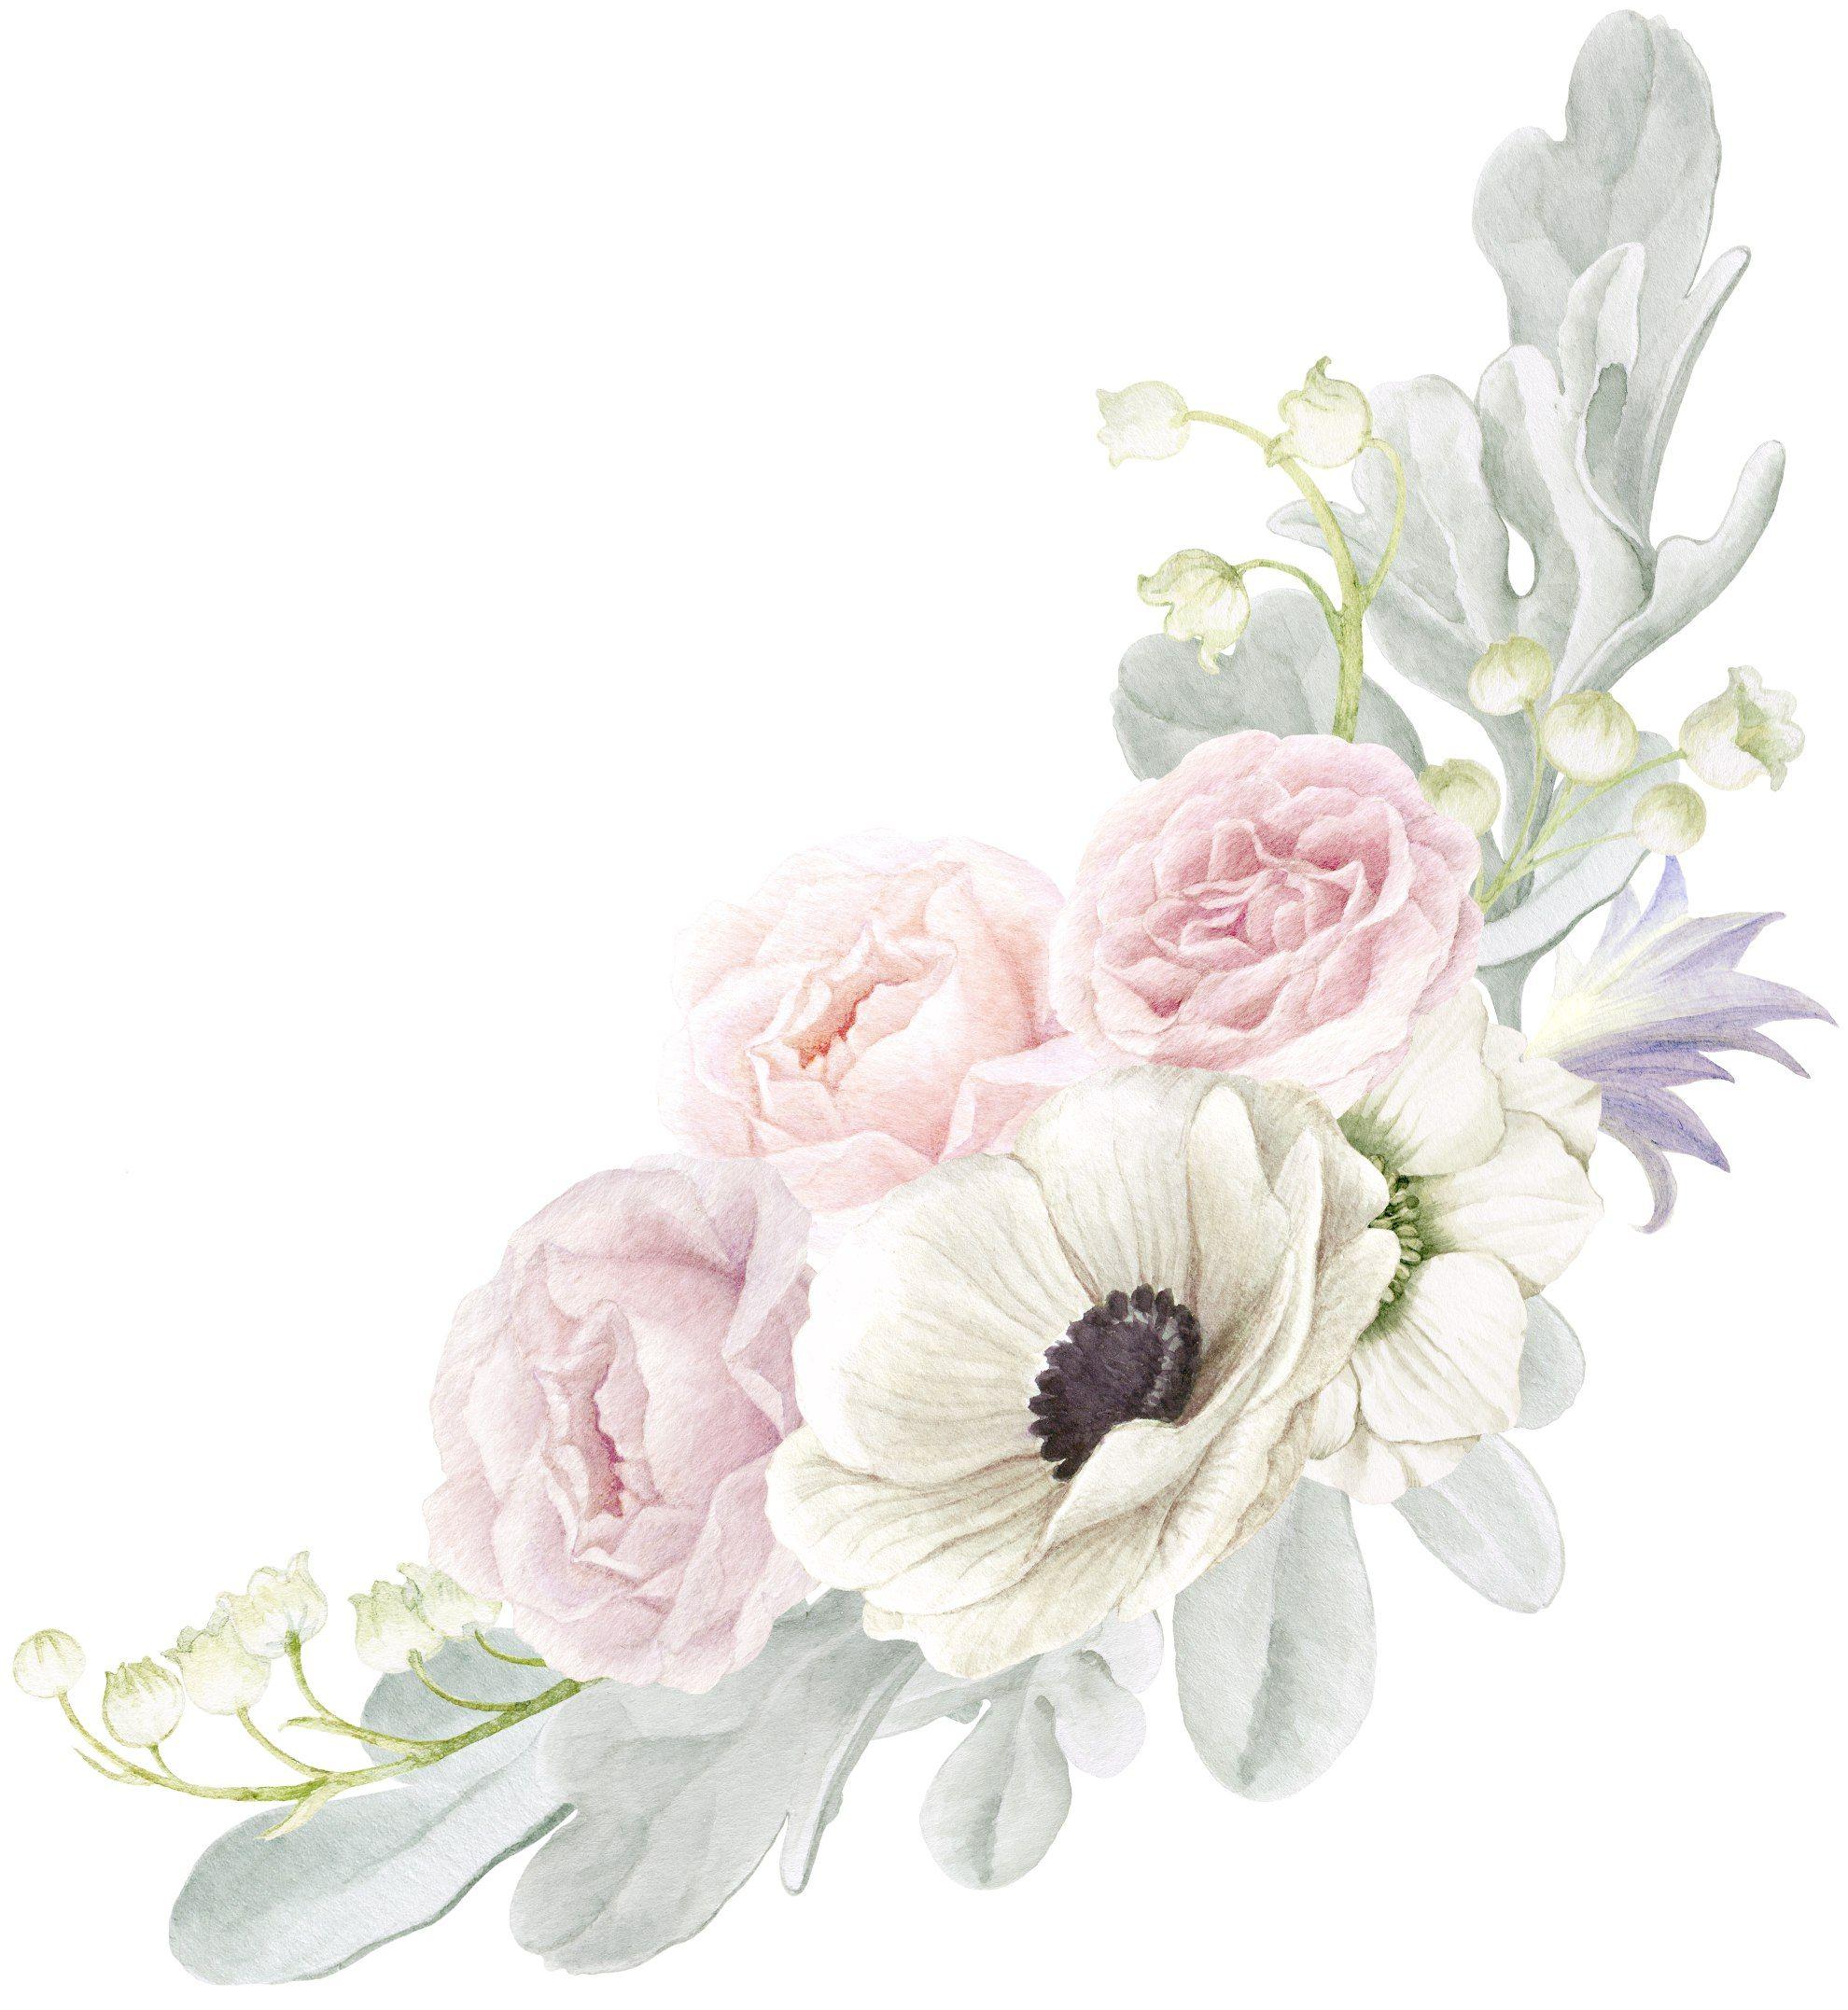 Pin de fatma en design | Pinterest | Flores, Fondos y Invitaciones